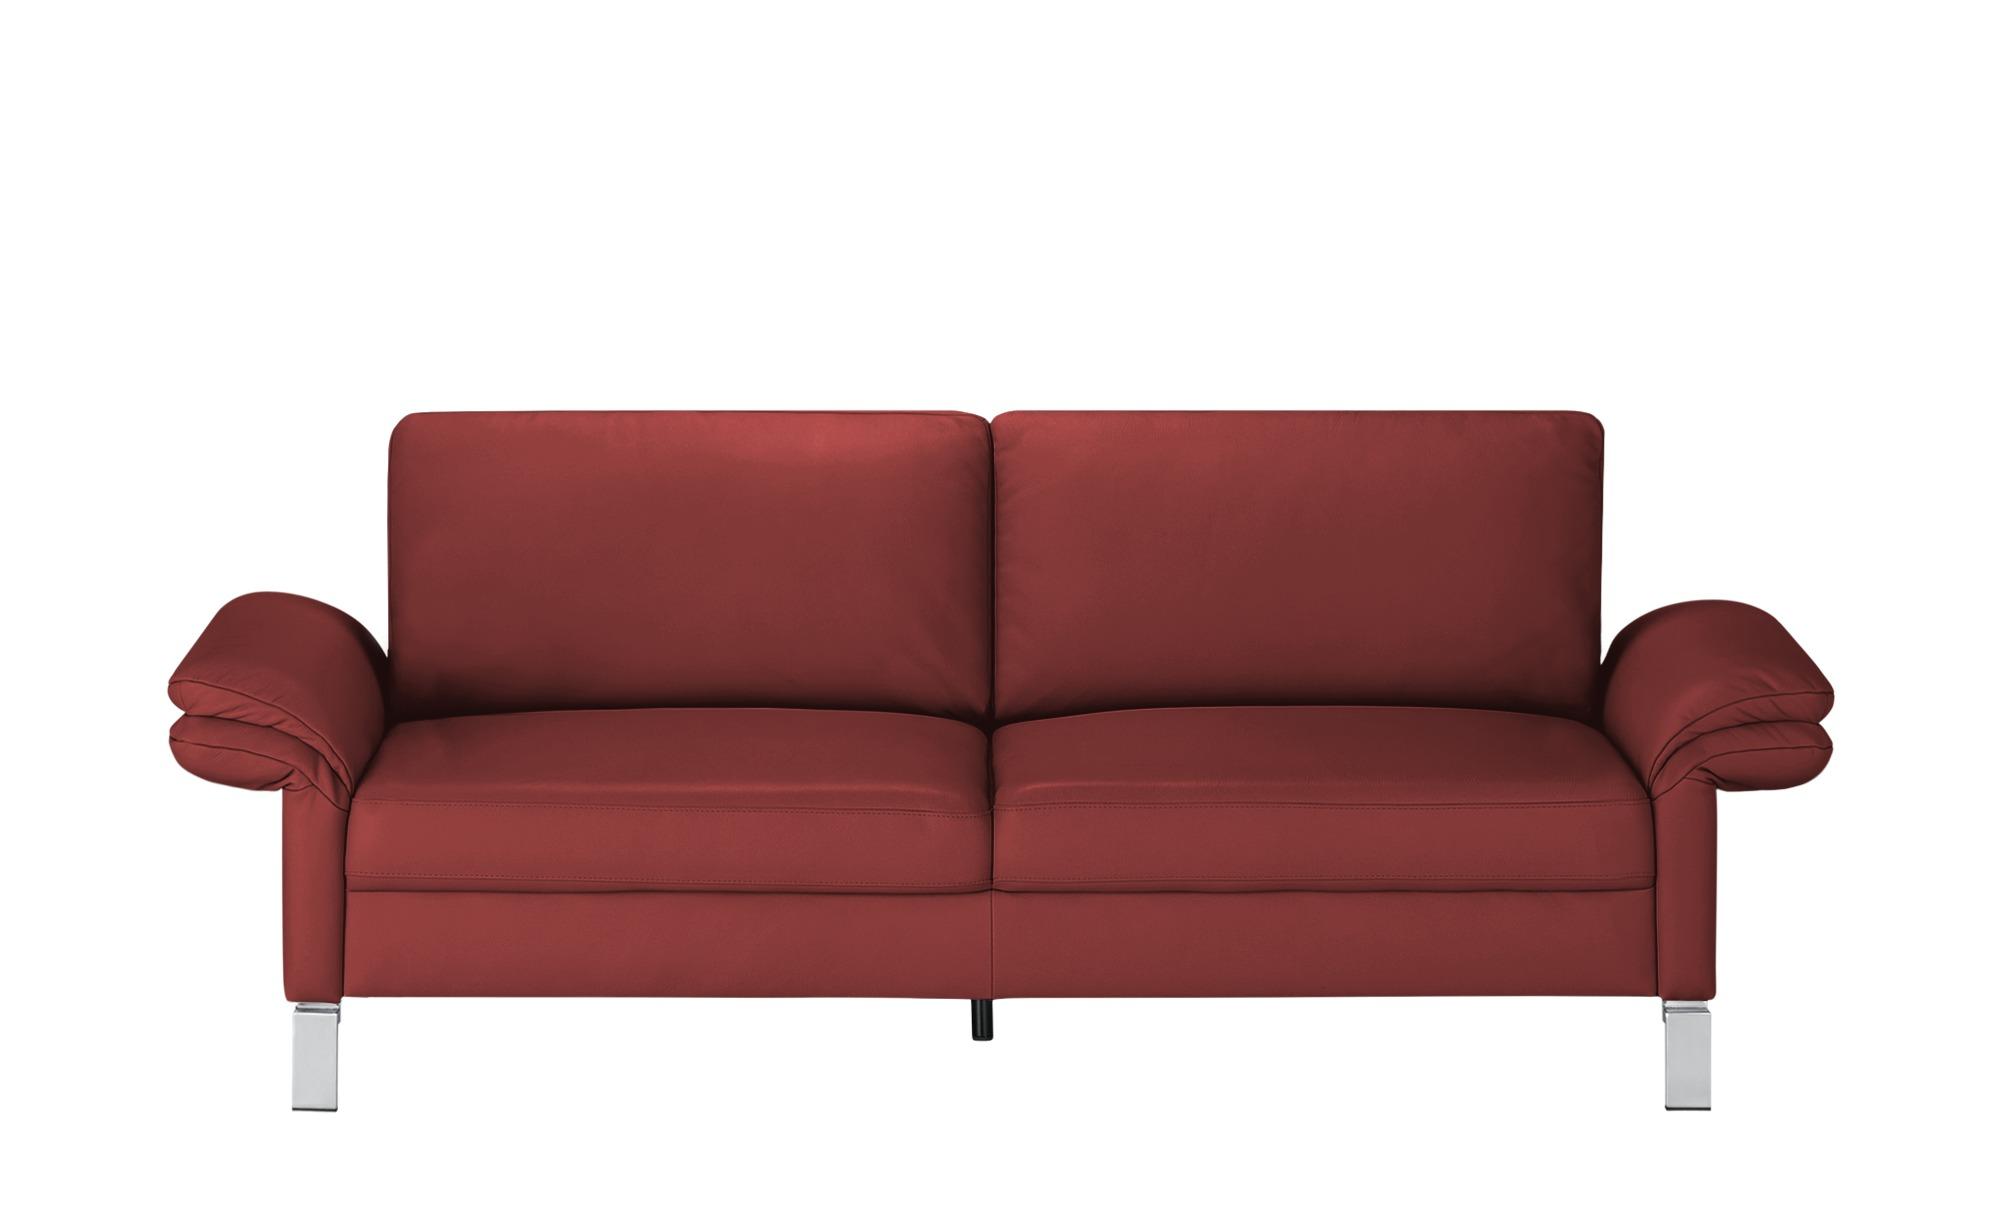 #Max Schelling Einzelsofa  Maximum ¦ rot ¦ Maße (cm): B: 214 H: 86 T: 97 Polstermöbel > Sofas > Einzelsofas – Höffner#